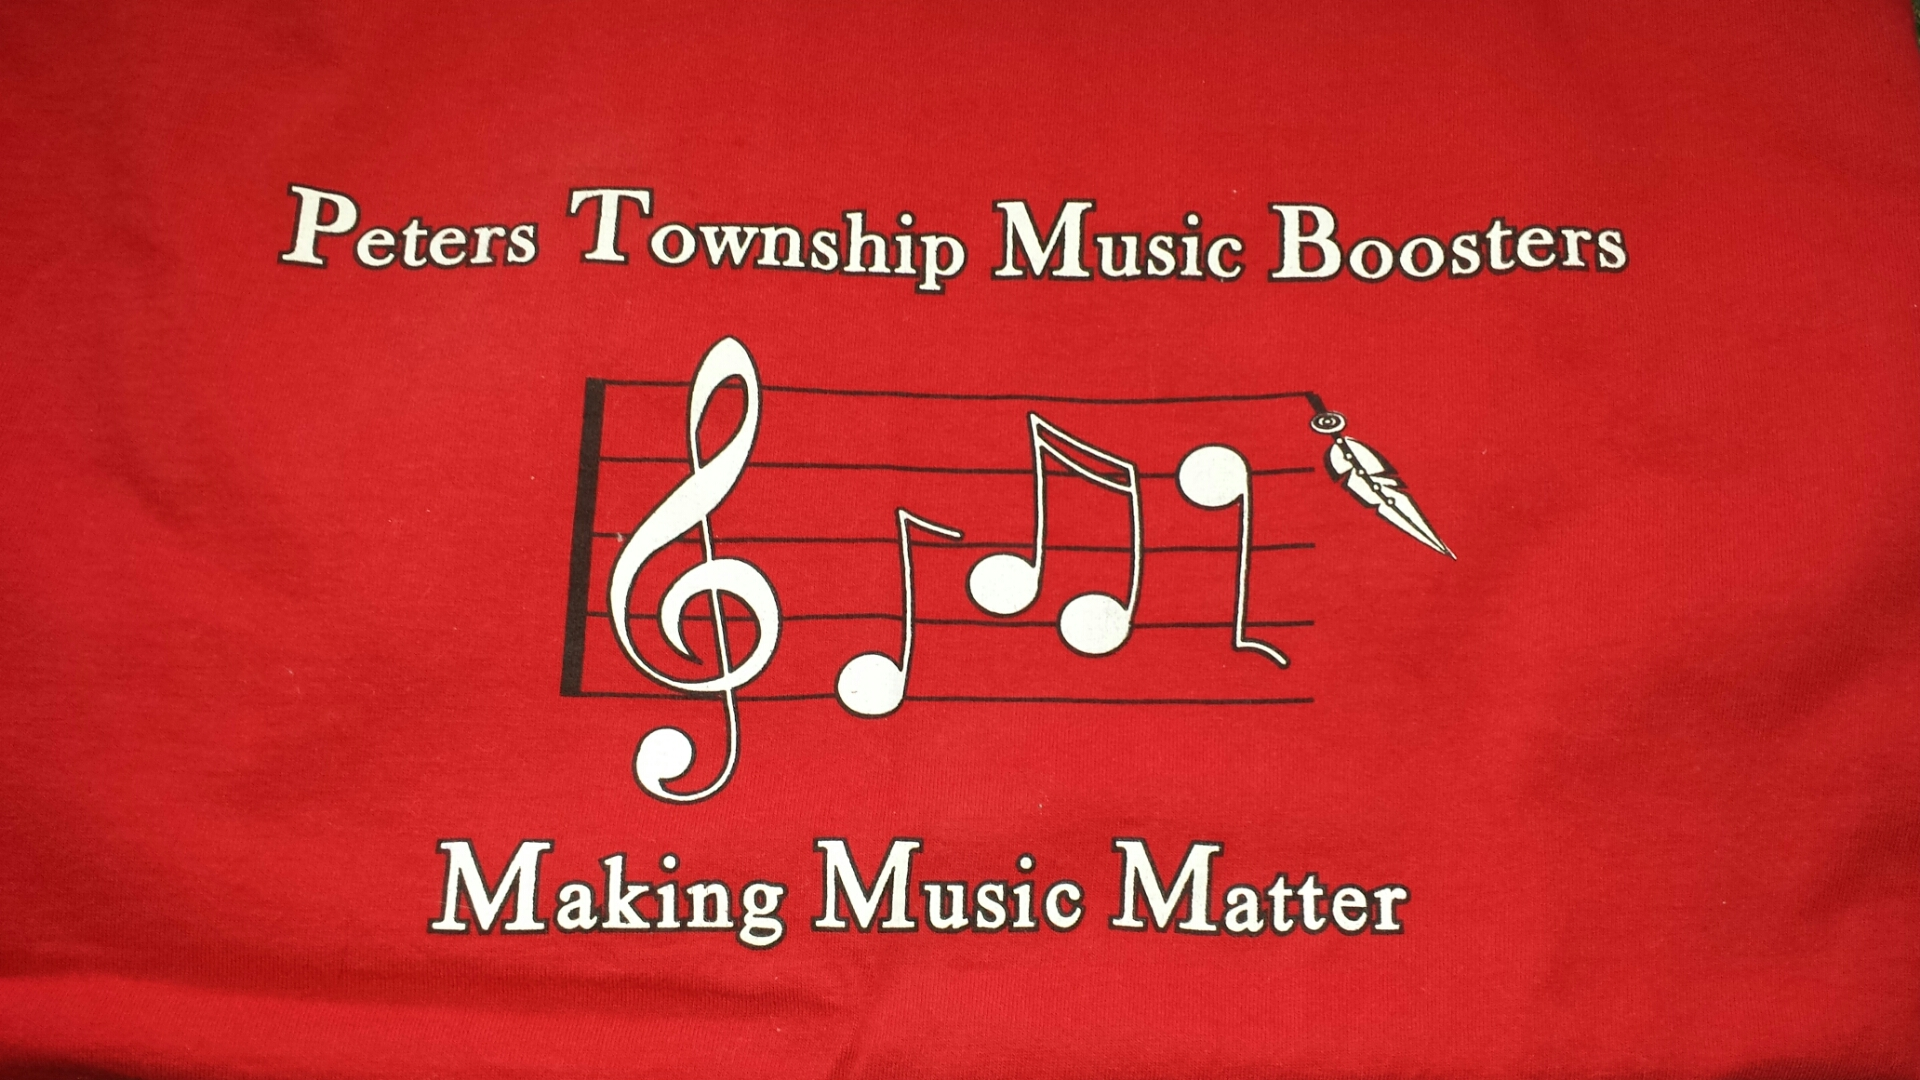 Booster t-shirt